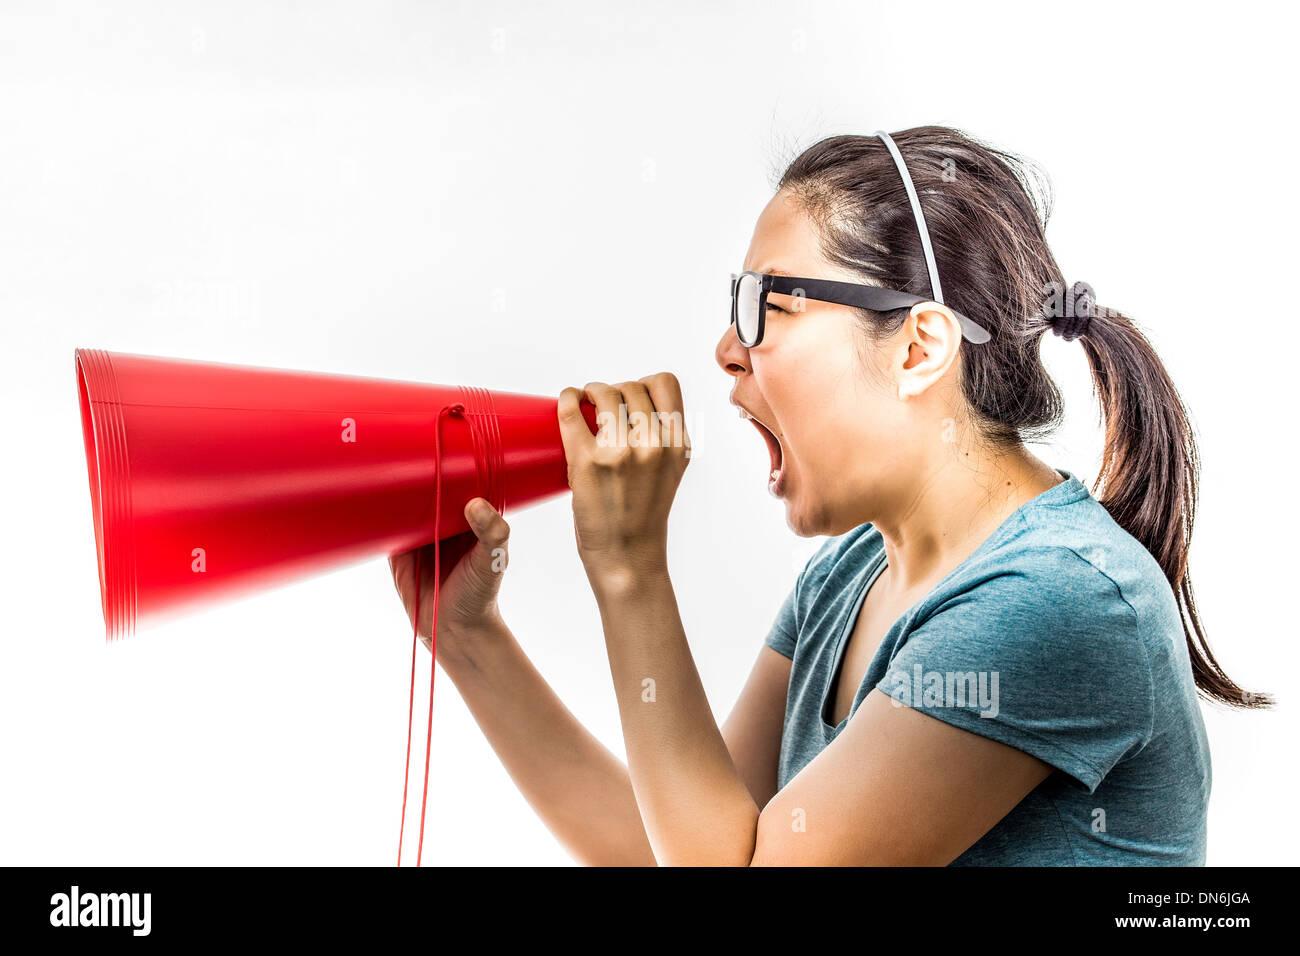 Asian woman yelling dans ampli Banque D'Images